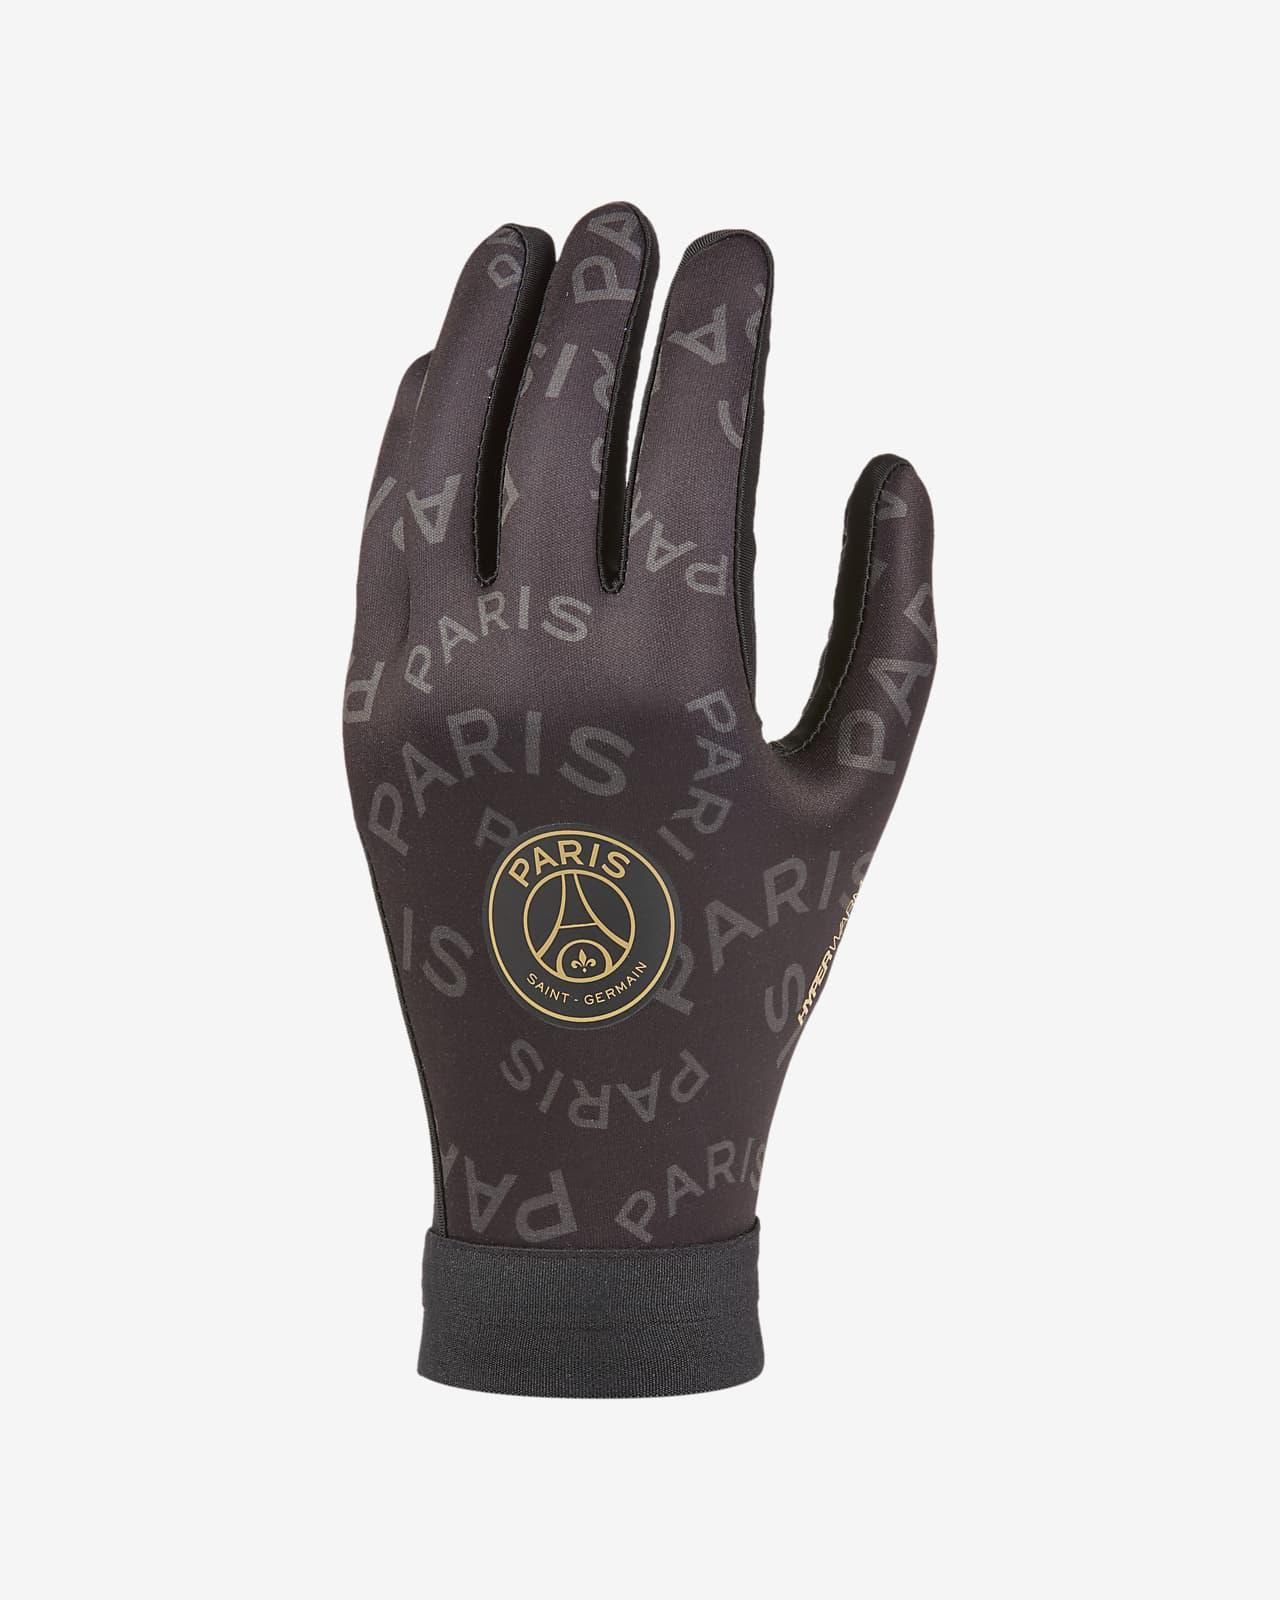 Jordan x Paris Saint-Germain HyperWarm Football Gloves